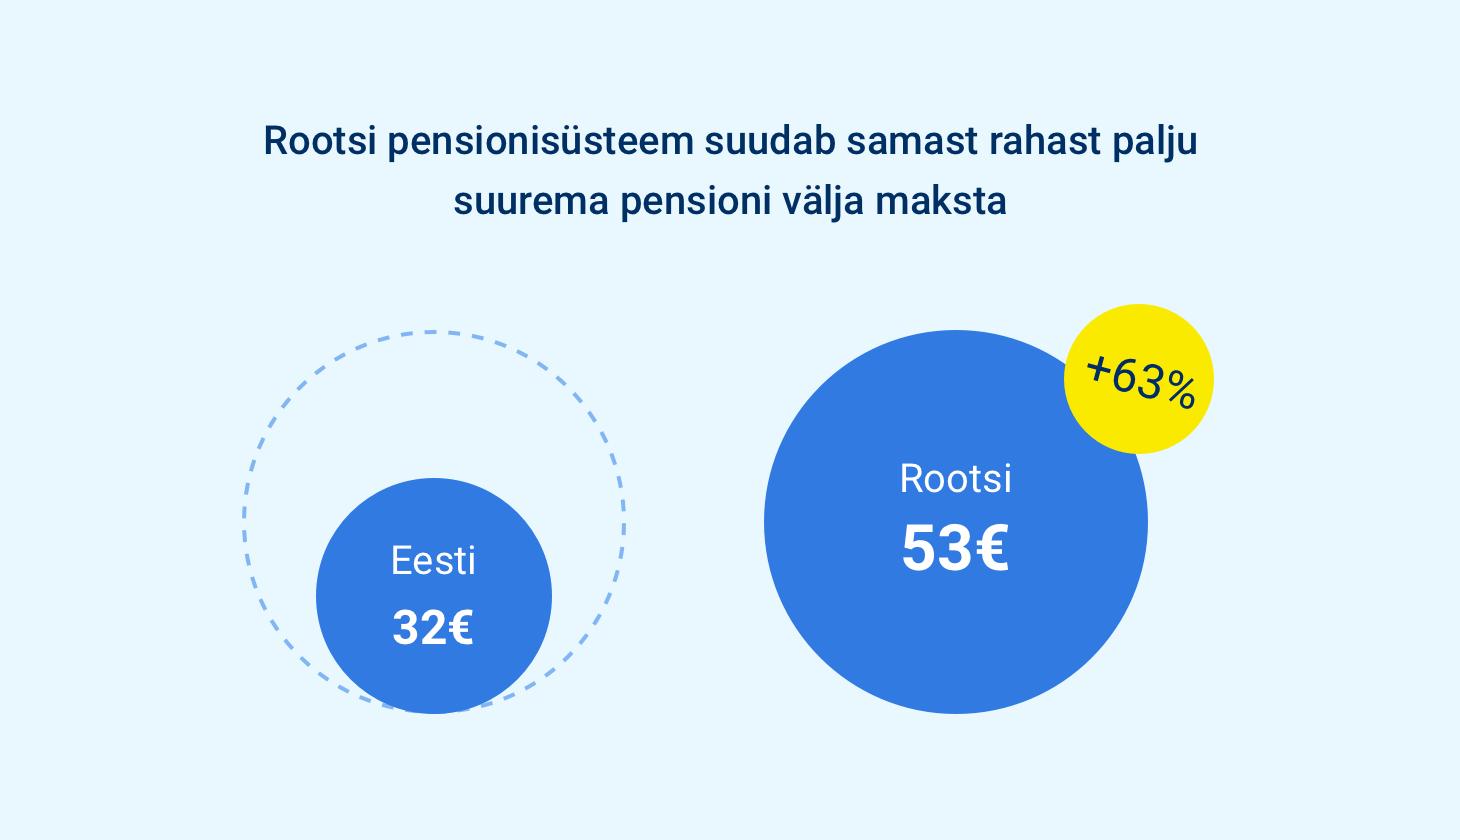 Rootsi pensionisüsteem suudab samast rahast palju suurema pensioni välja maksta